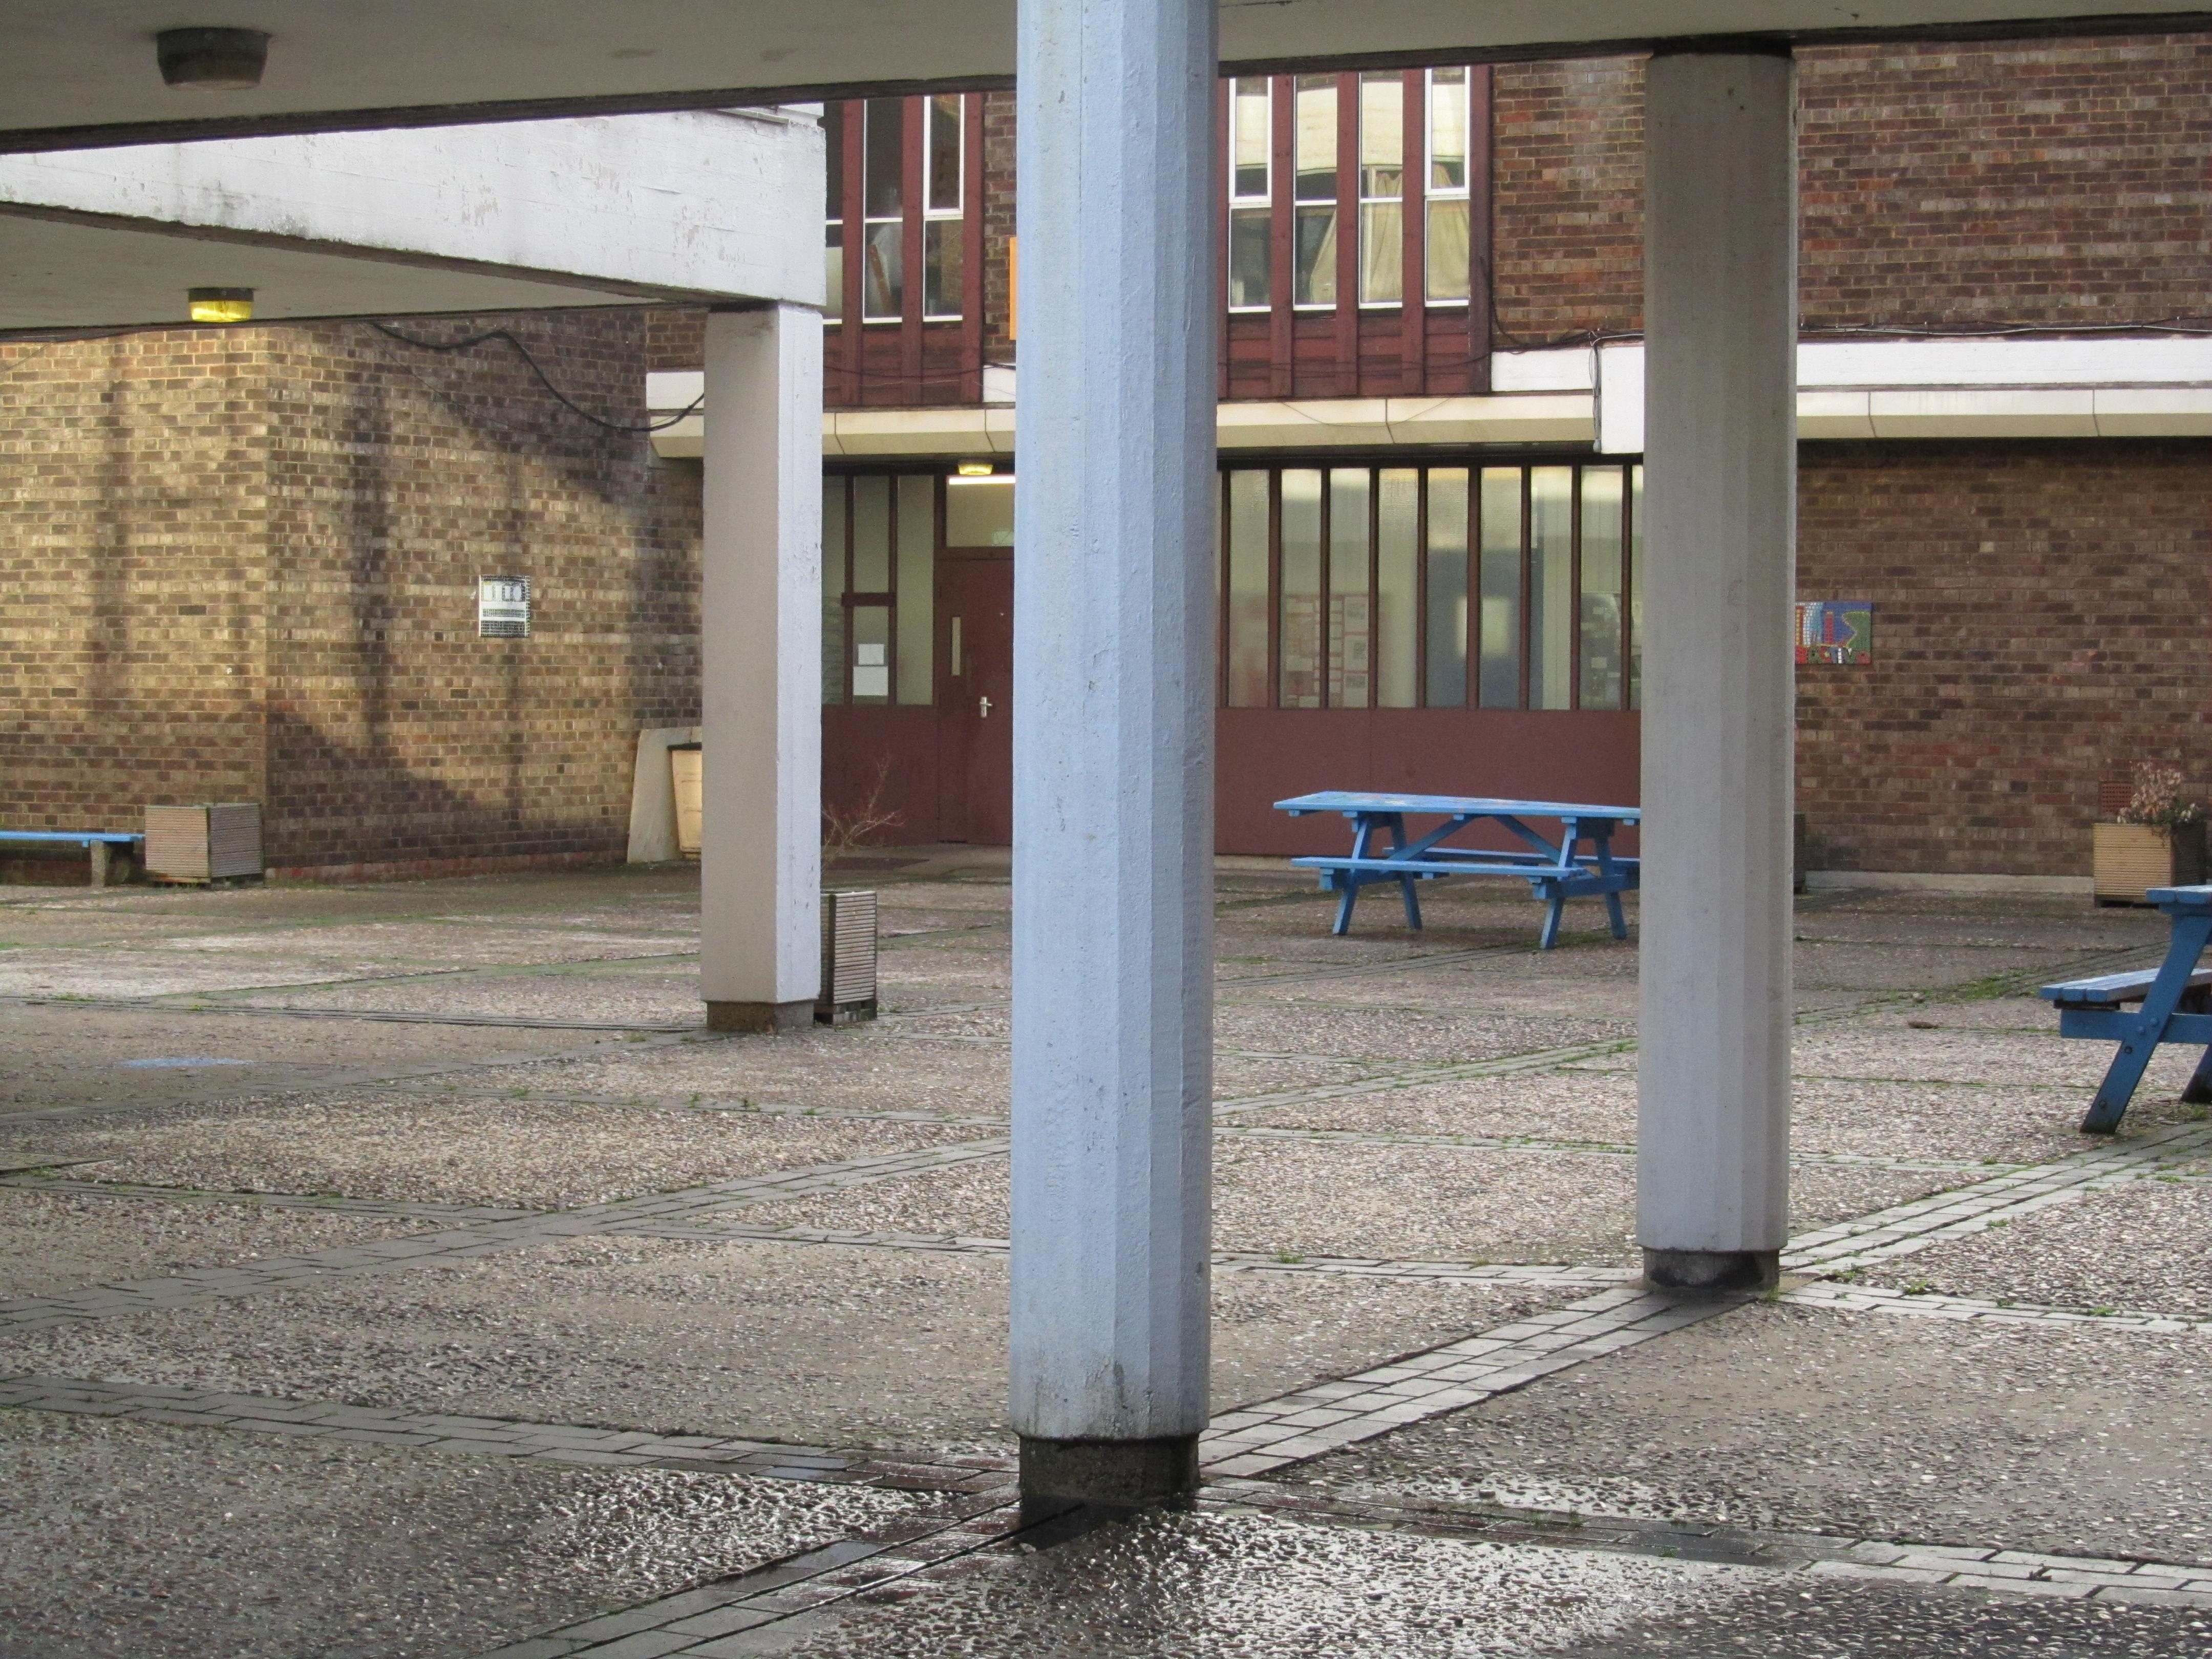 Lilian Bayliss School